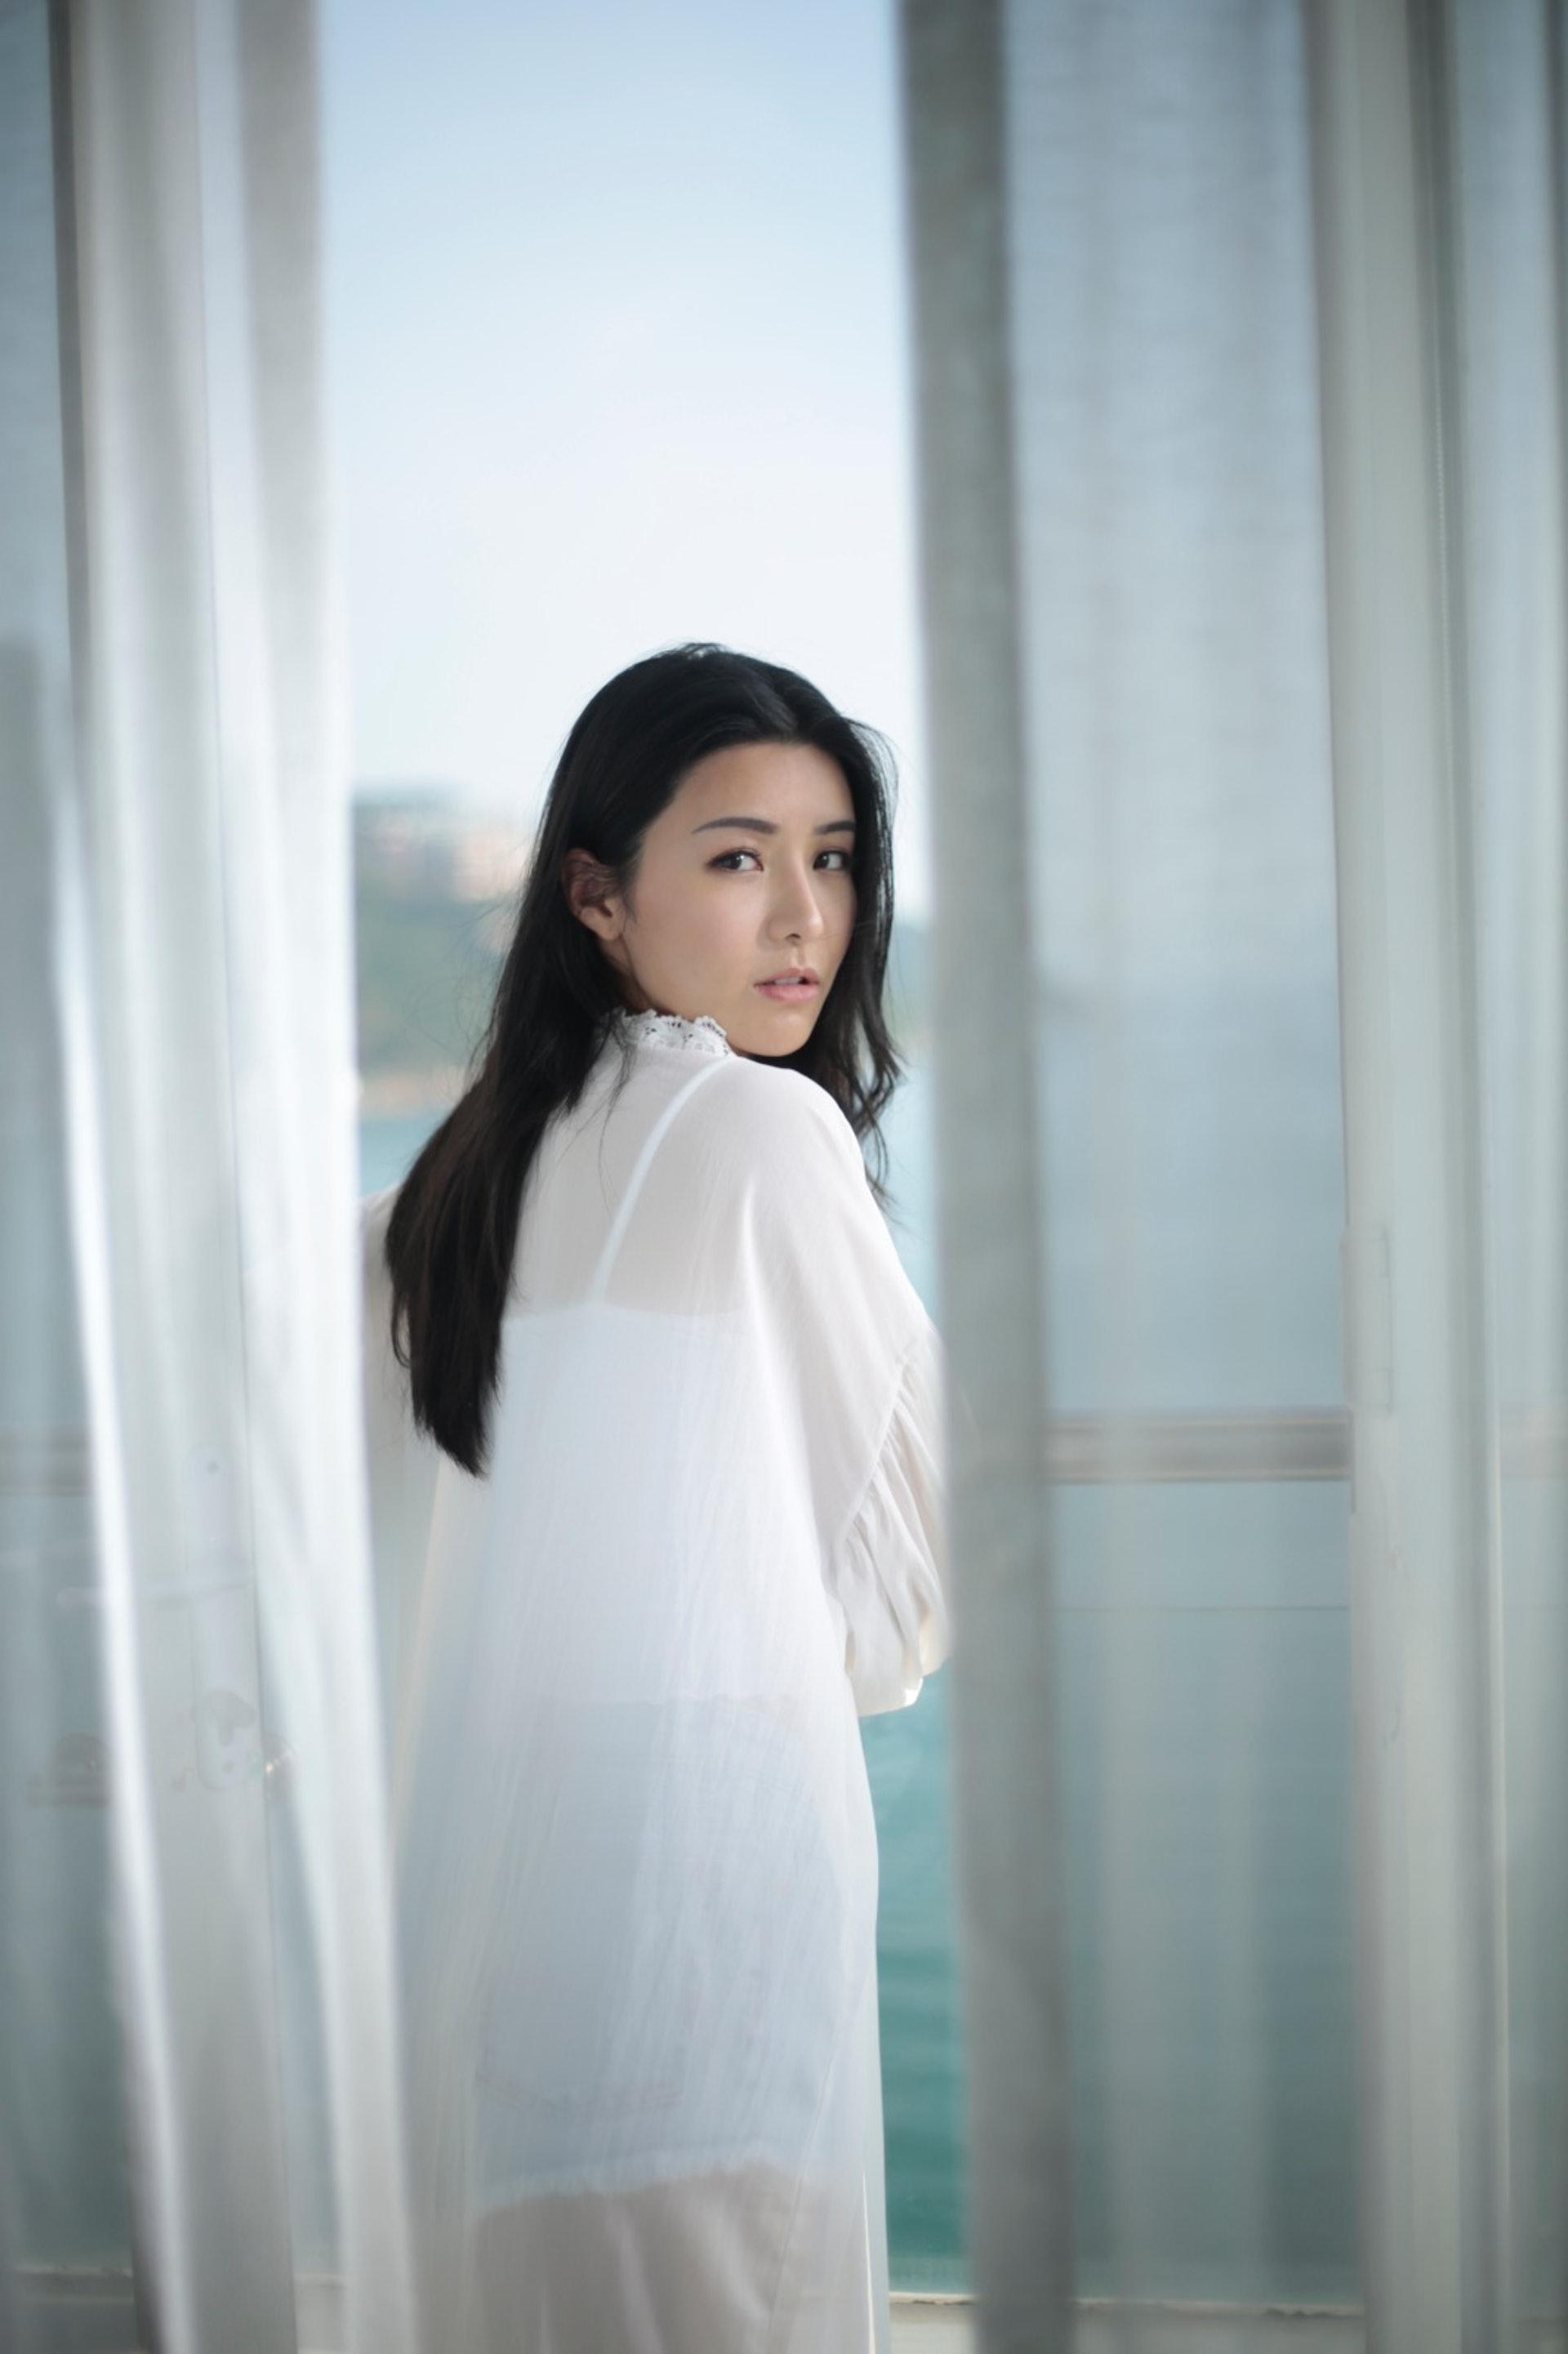 陳欣妍在逆市中都有工作,證明她十分有人氣。(受訪者提供)